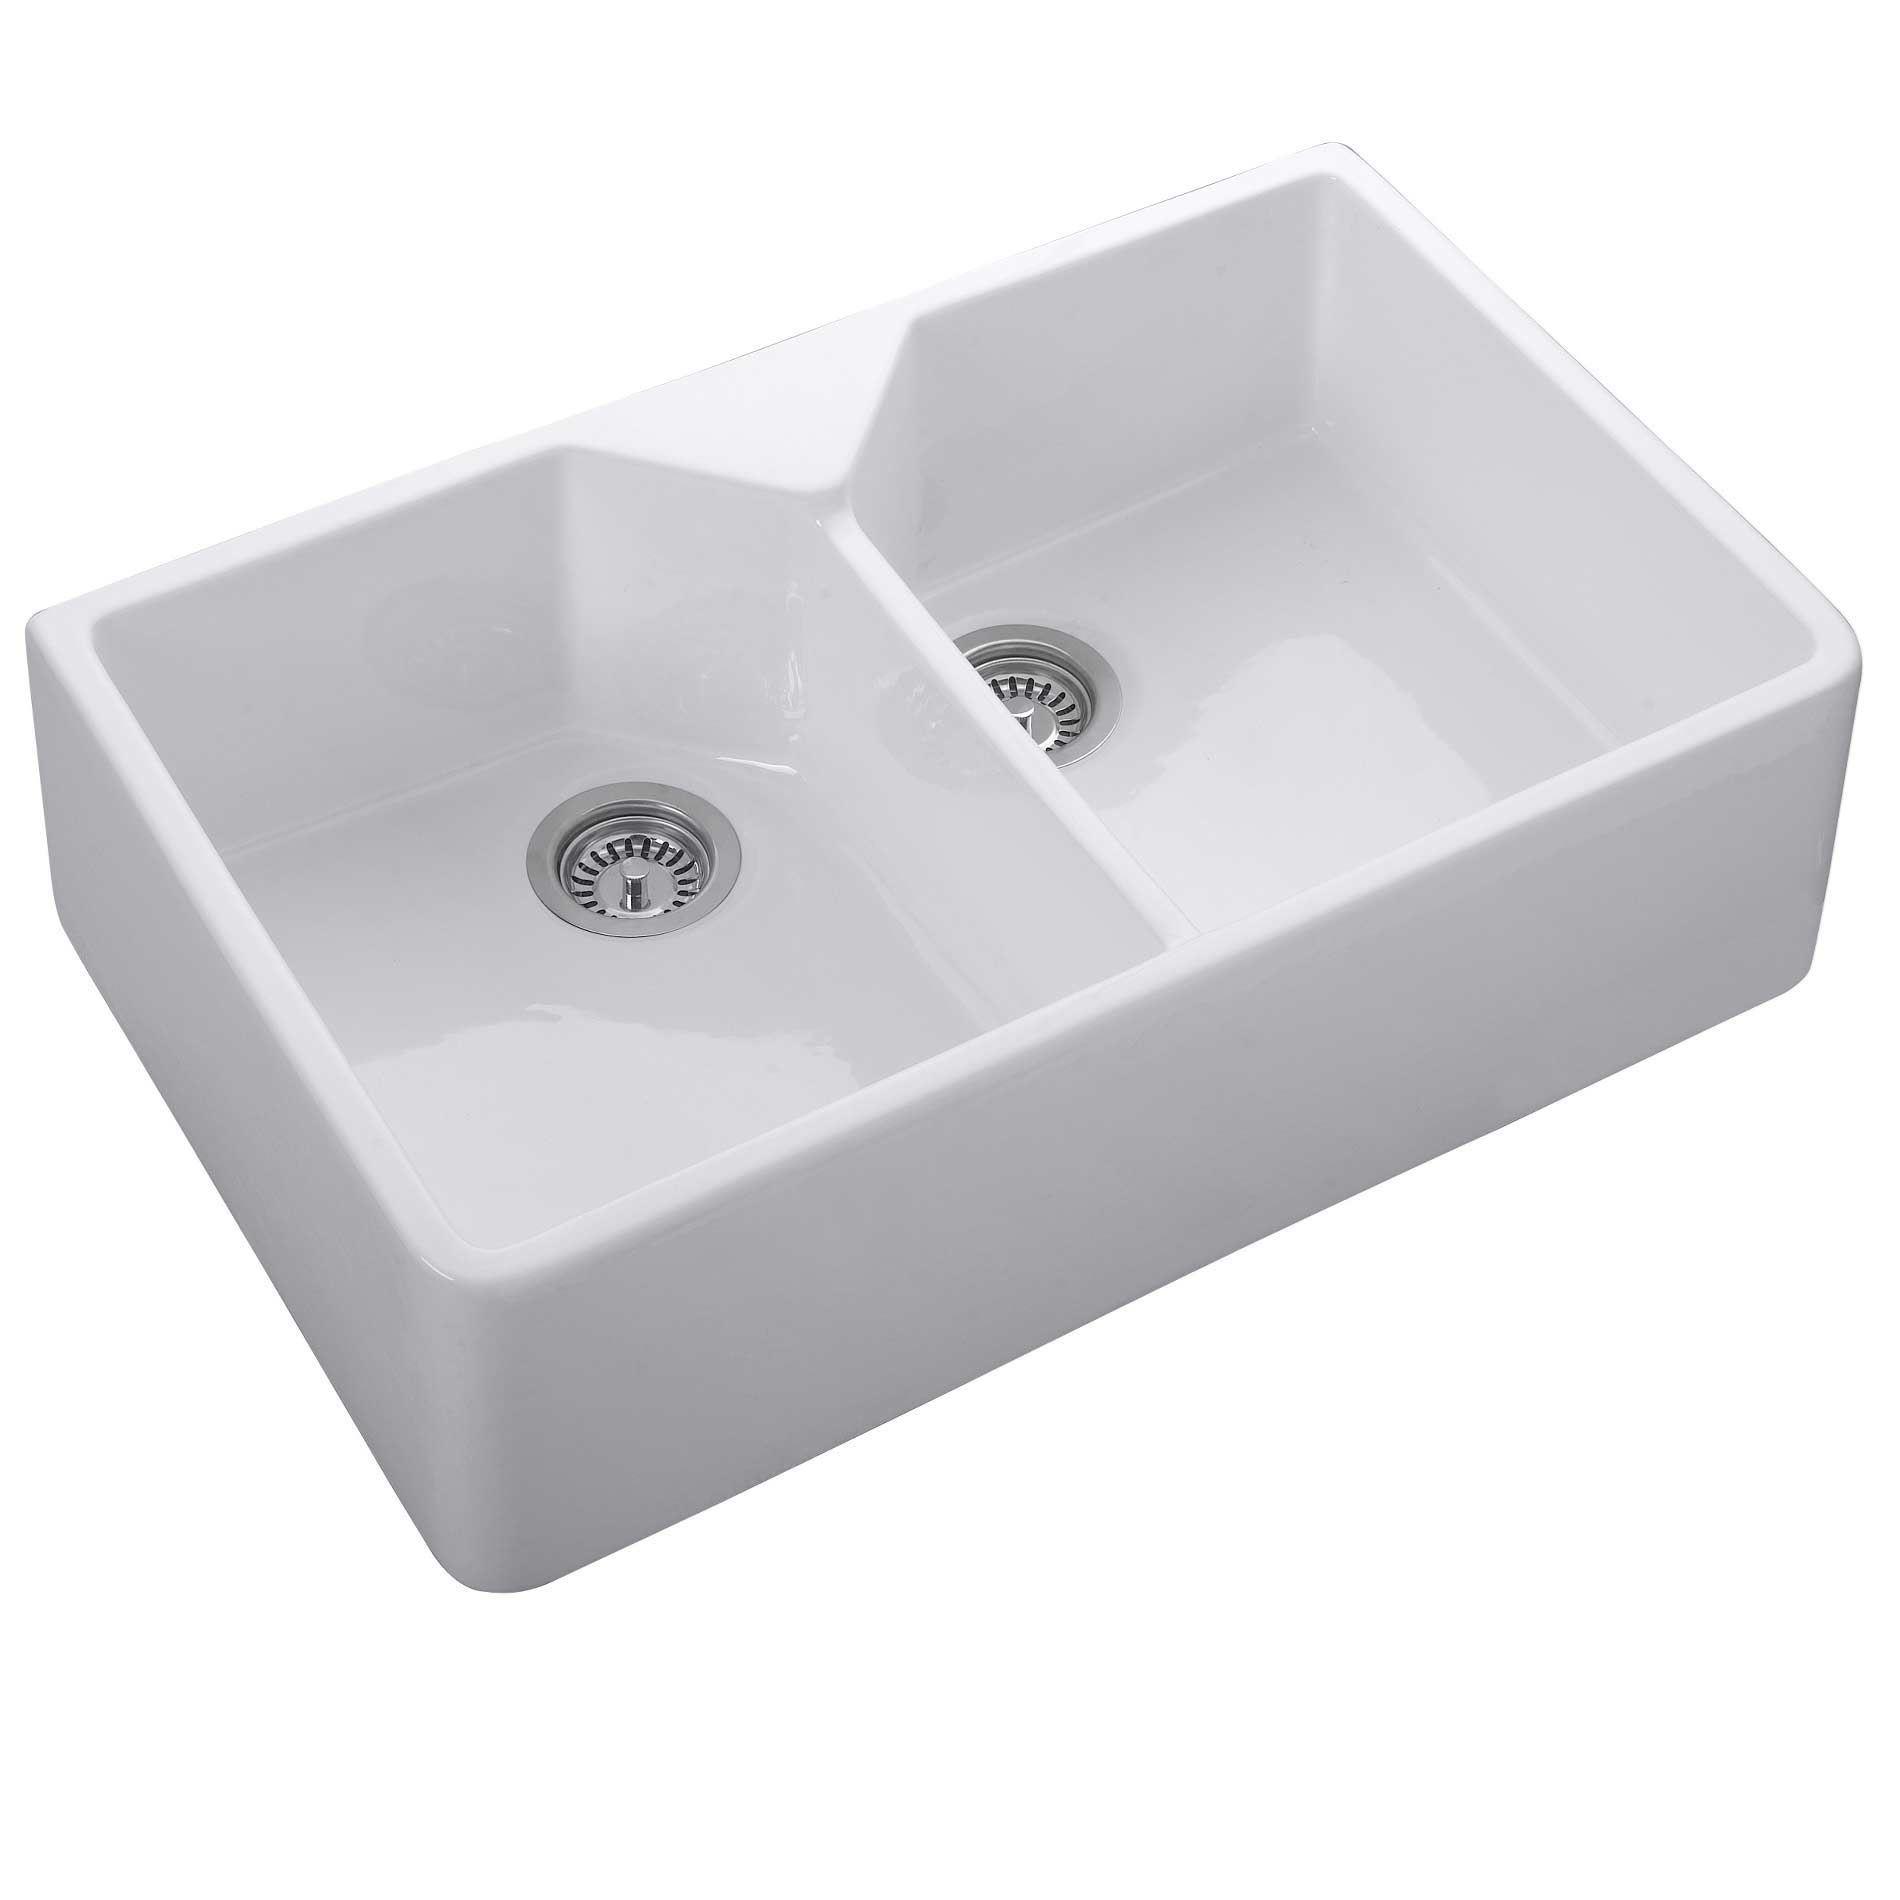 Rangemaster Double Belfast Cdb800wh Ceramic Sink